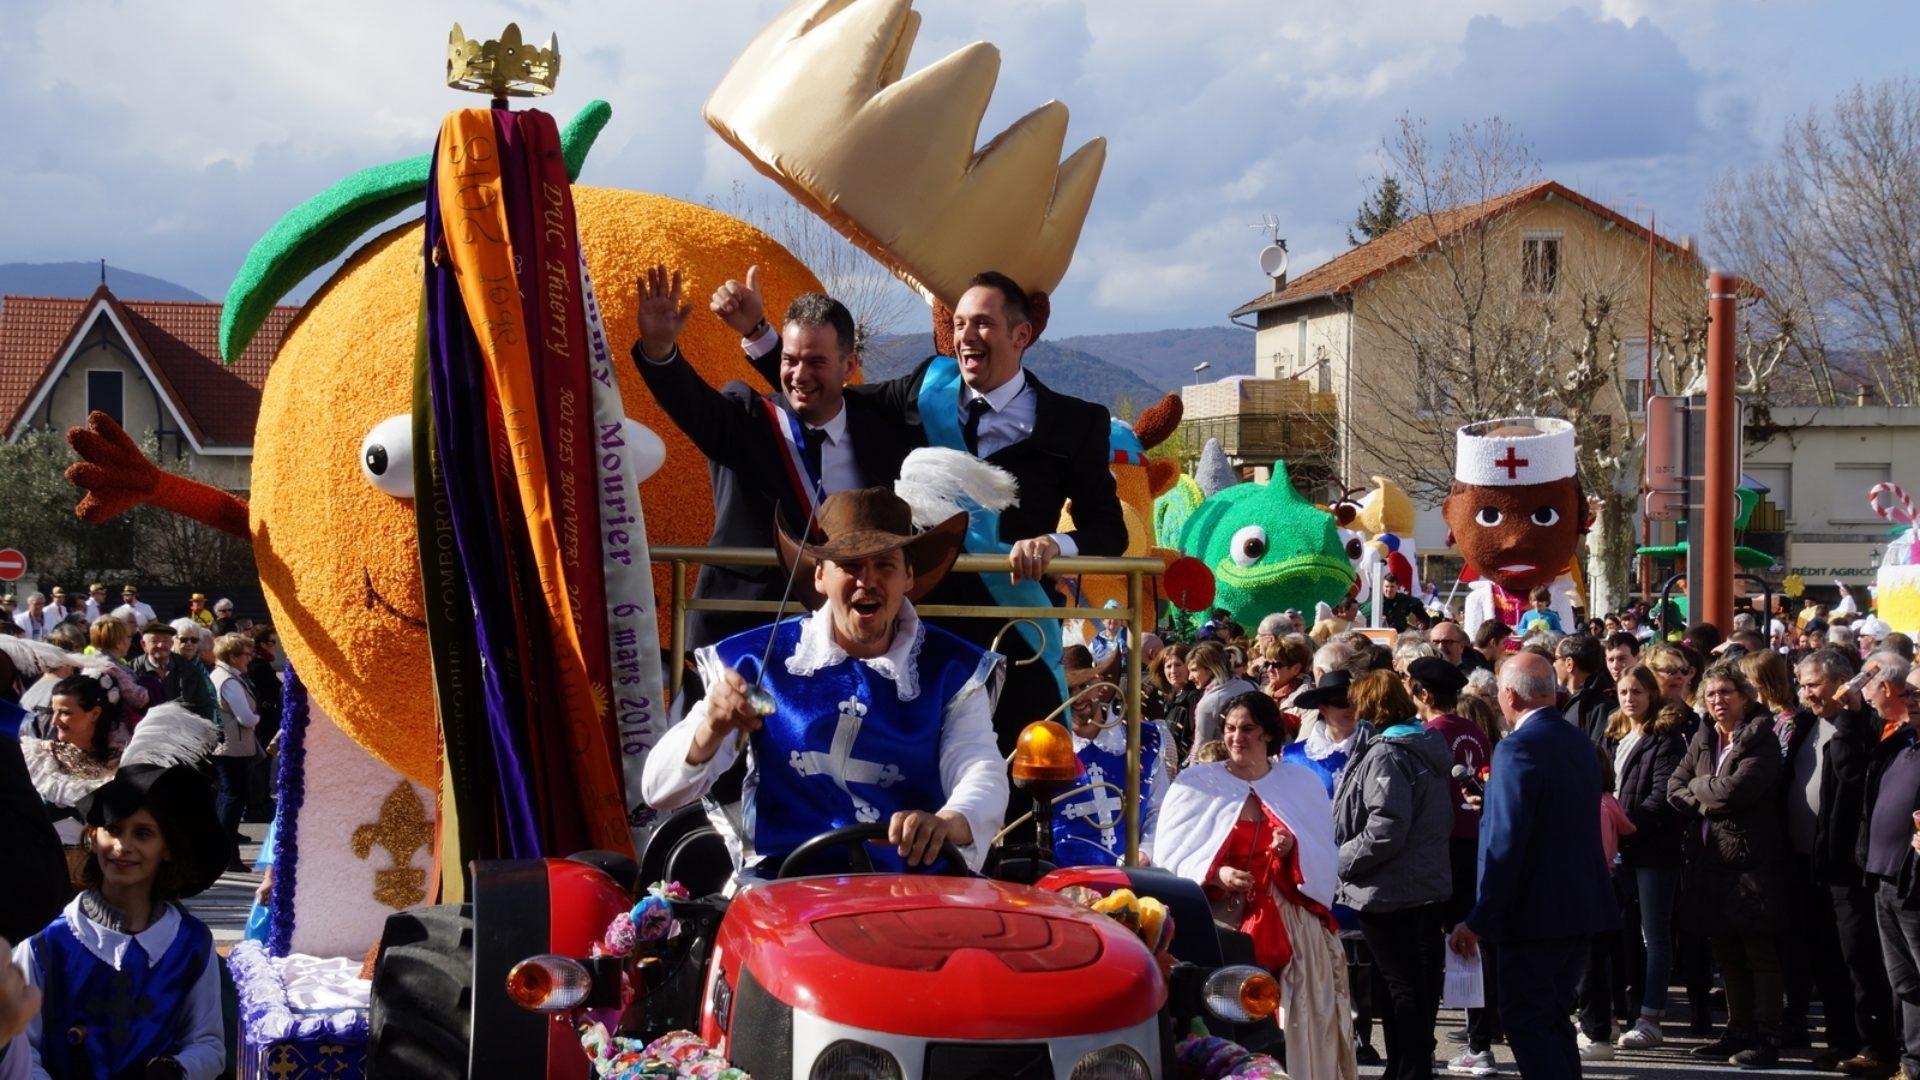 Les fêtes des bouviers et laboureurs de la Drôme